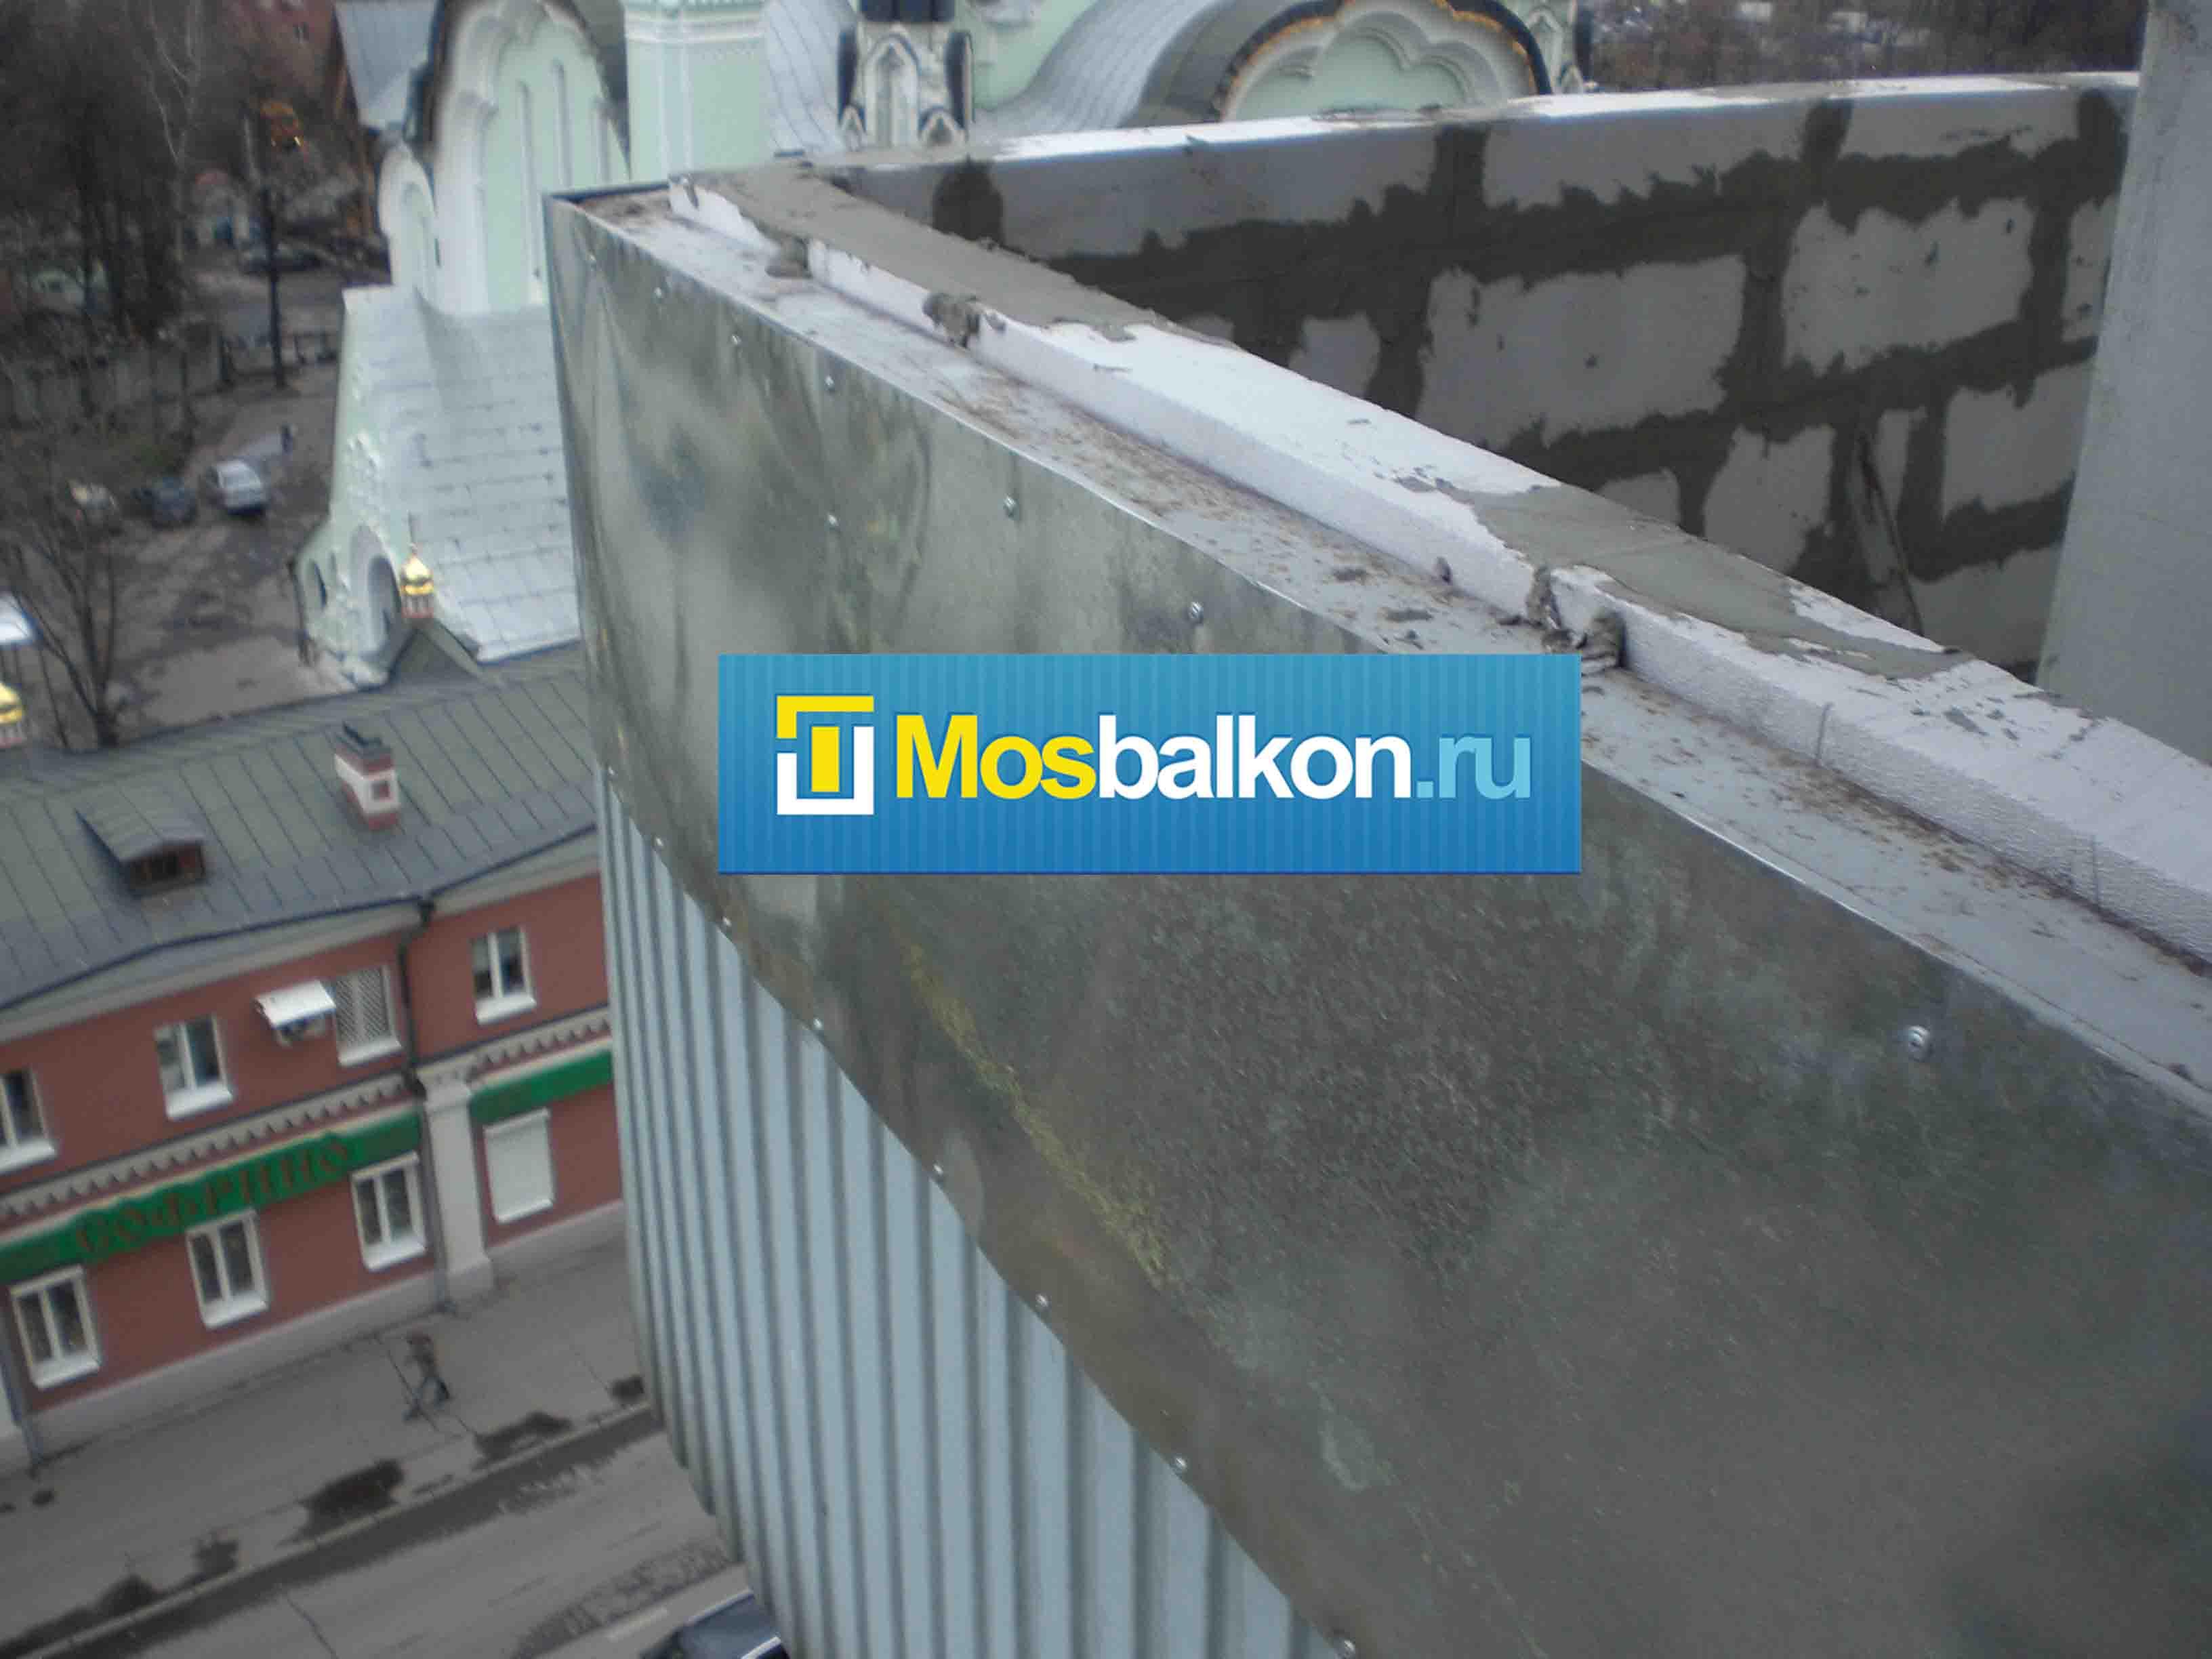 Ремонт балкона - от а до Я мосбалкон.ру.